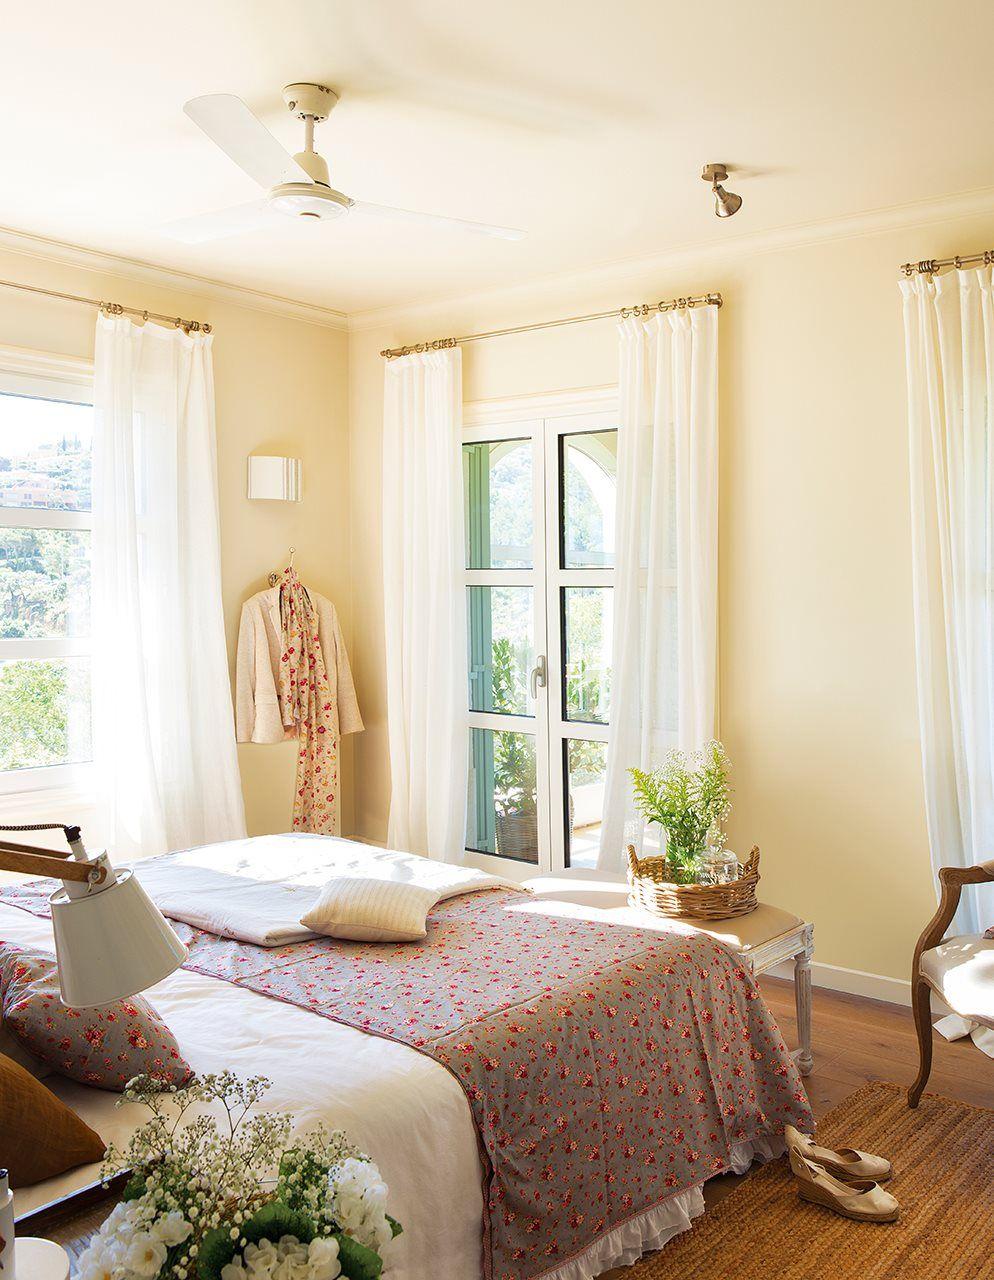 En el dormitorio alcoba decoraci n de unas cortinas dormitorio y cortinas - Decoracion cortinas dormitorio ...